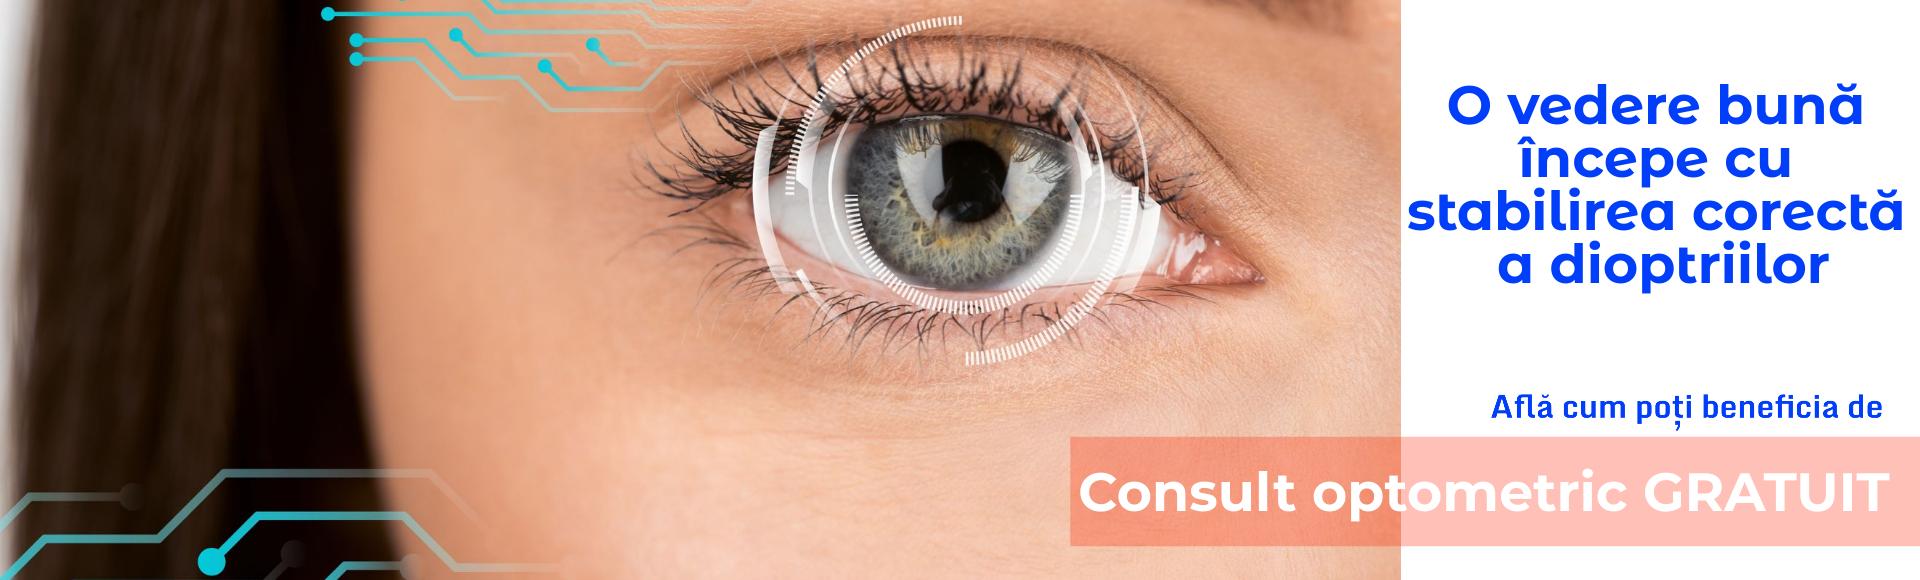 Consult optometric GRATUIT!